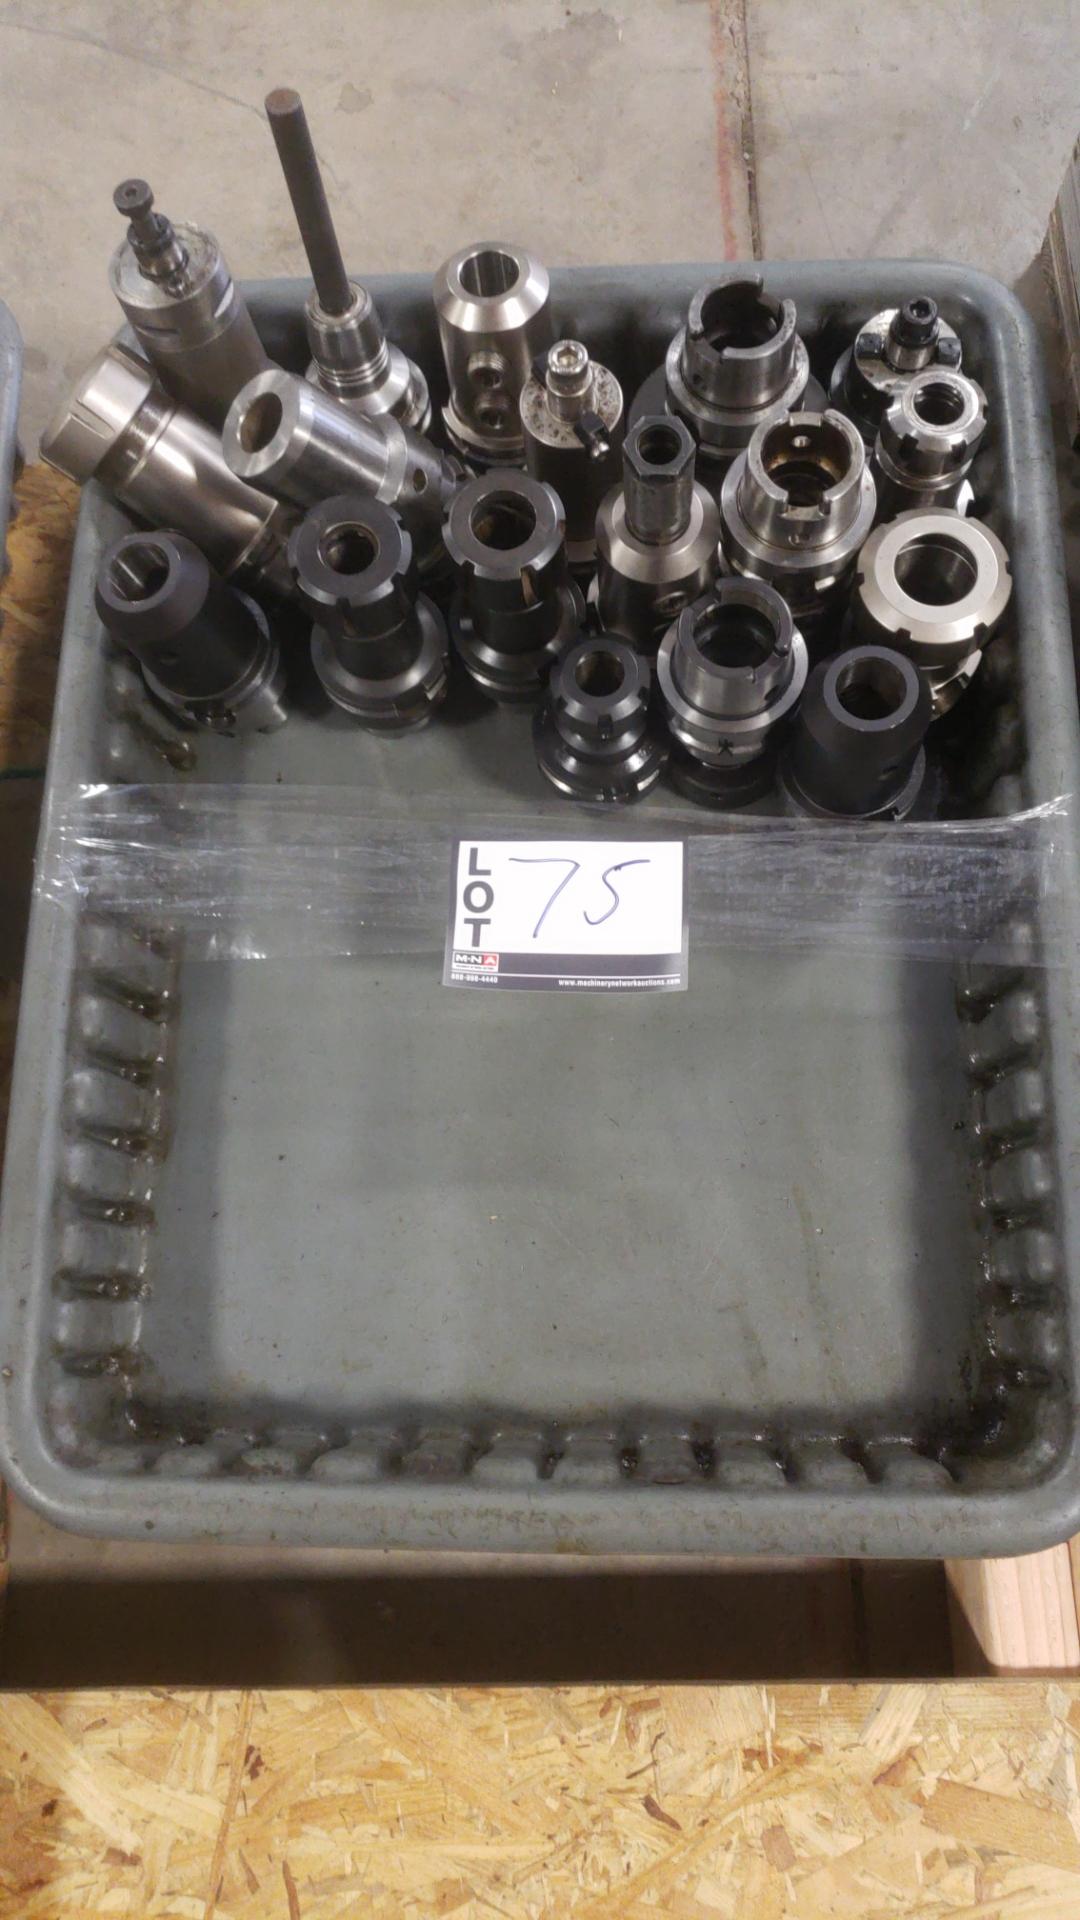 18 each HSK 63 Tool Holders for Mori SH-500